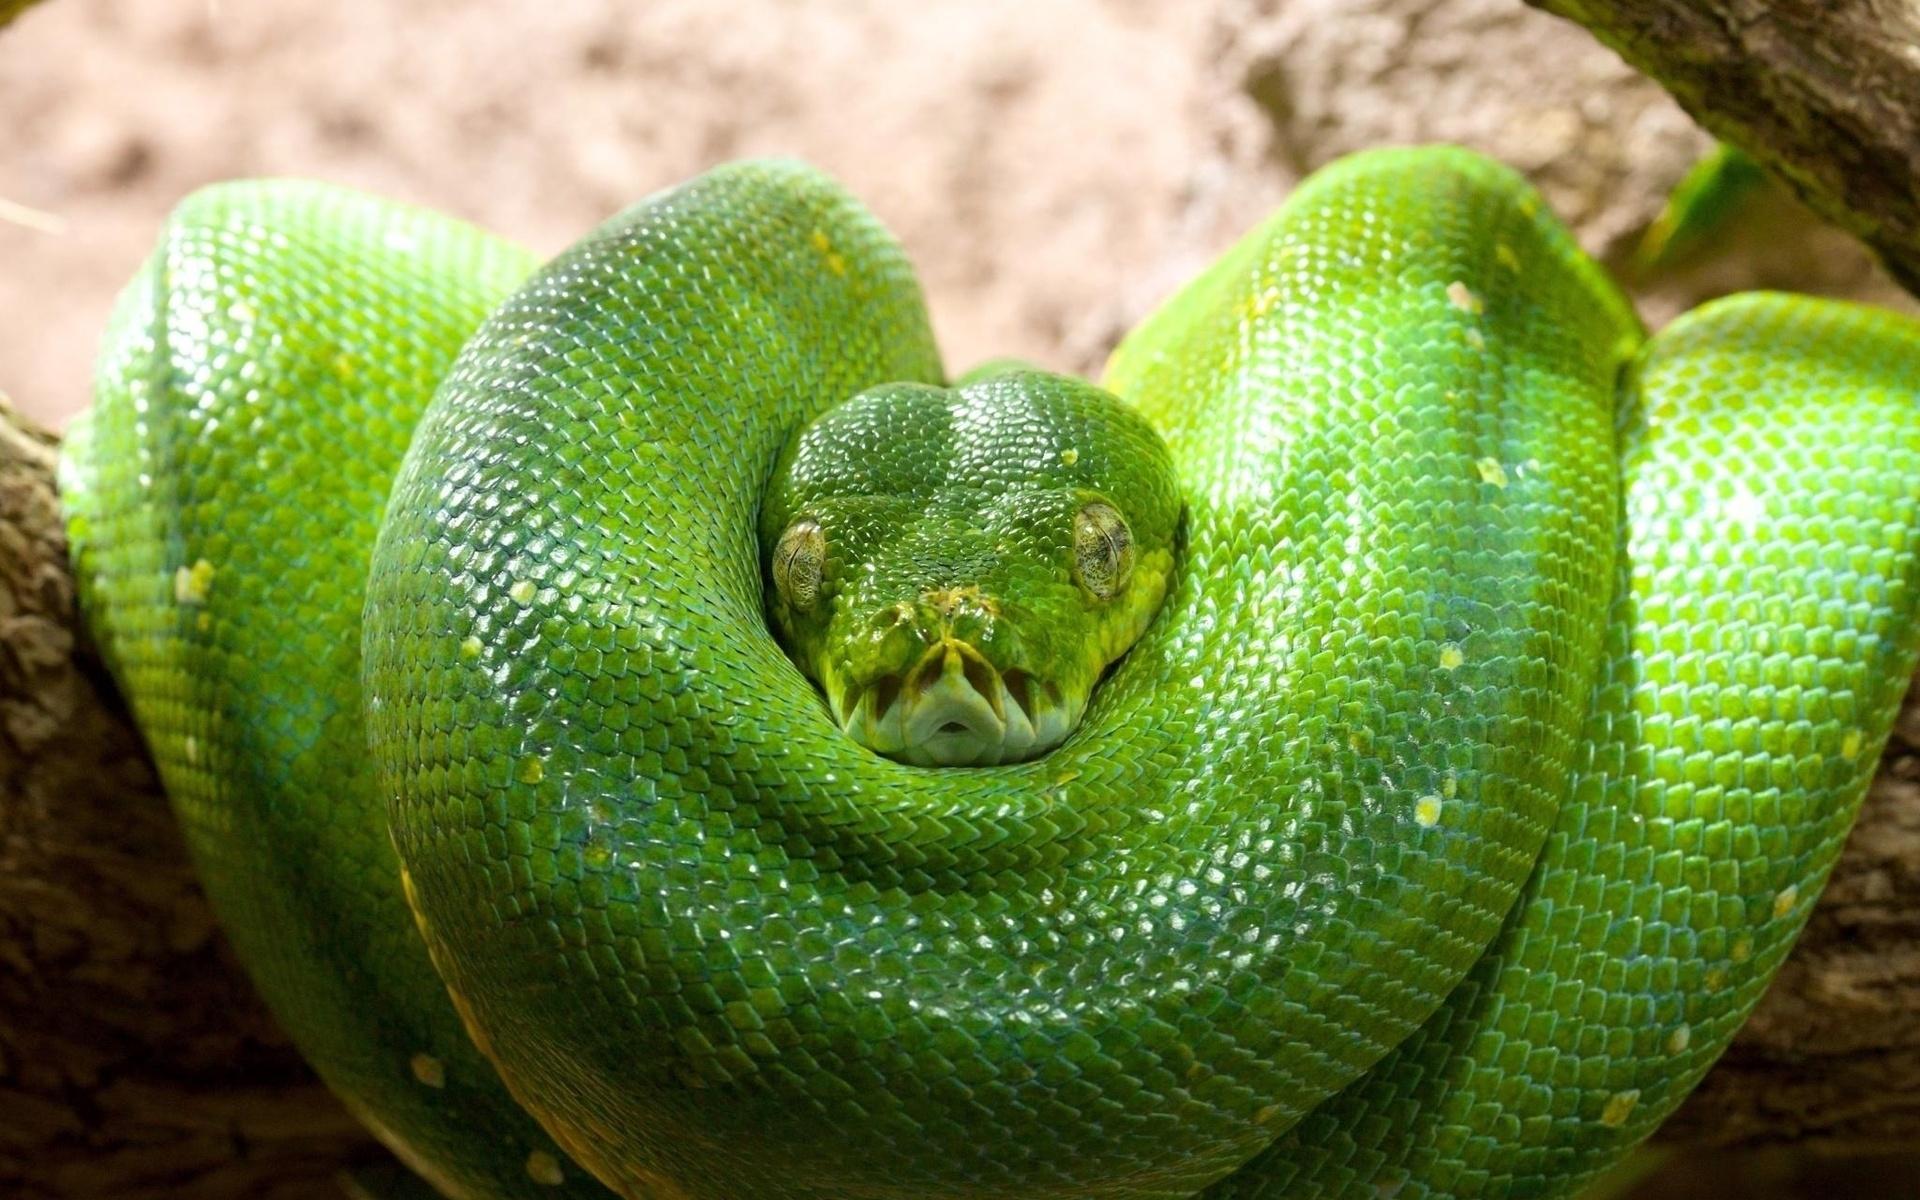 змея, зеленая, чешуя